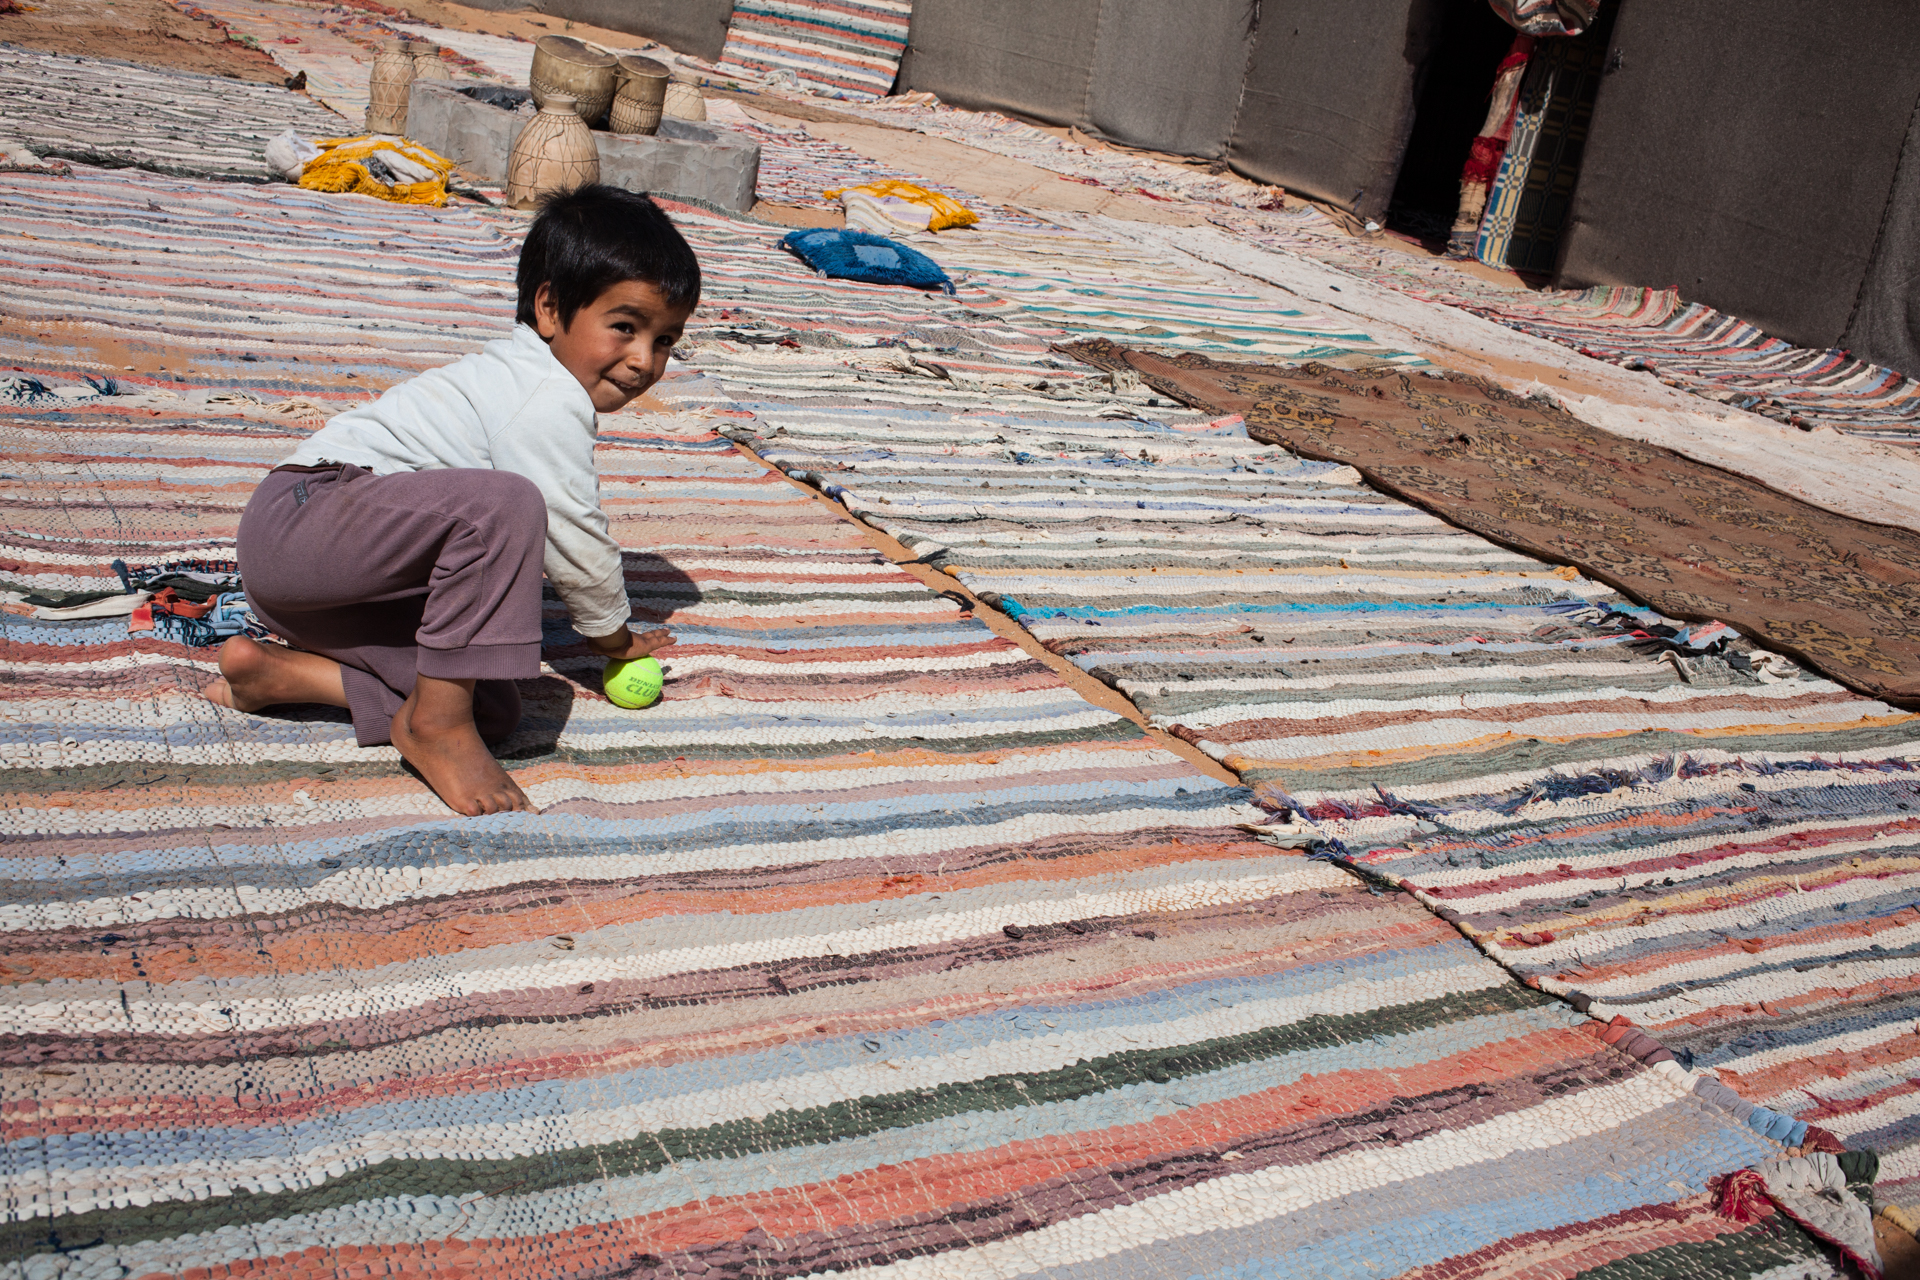 Morocco_Apr15__by_kingmouf-276